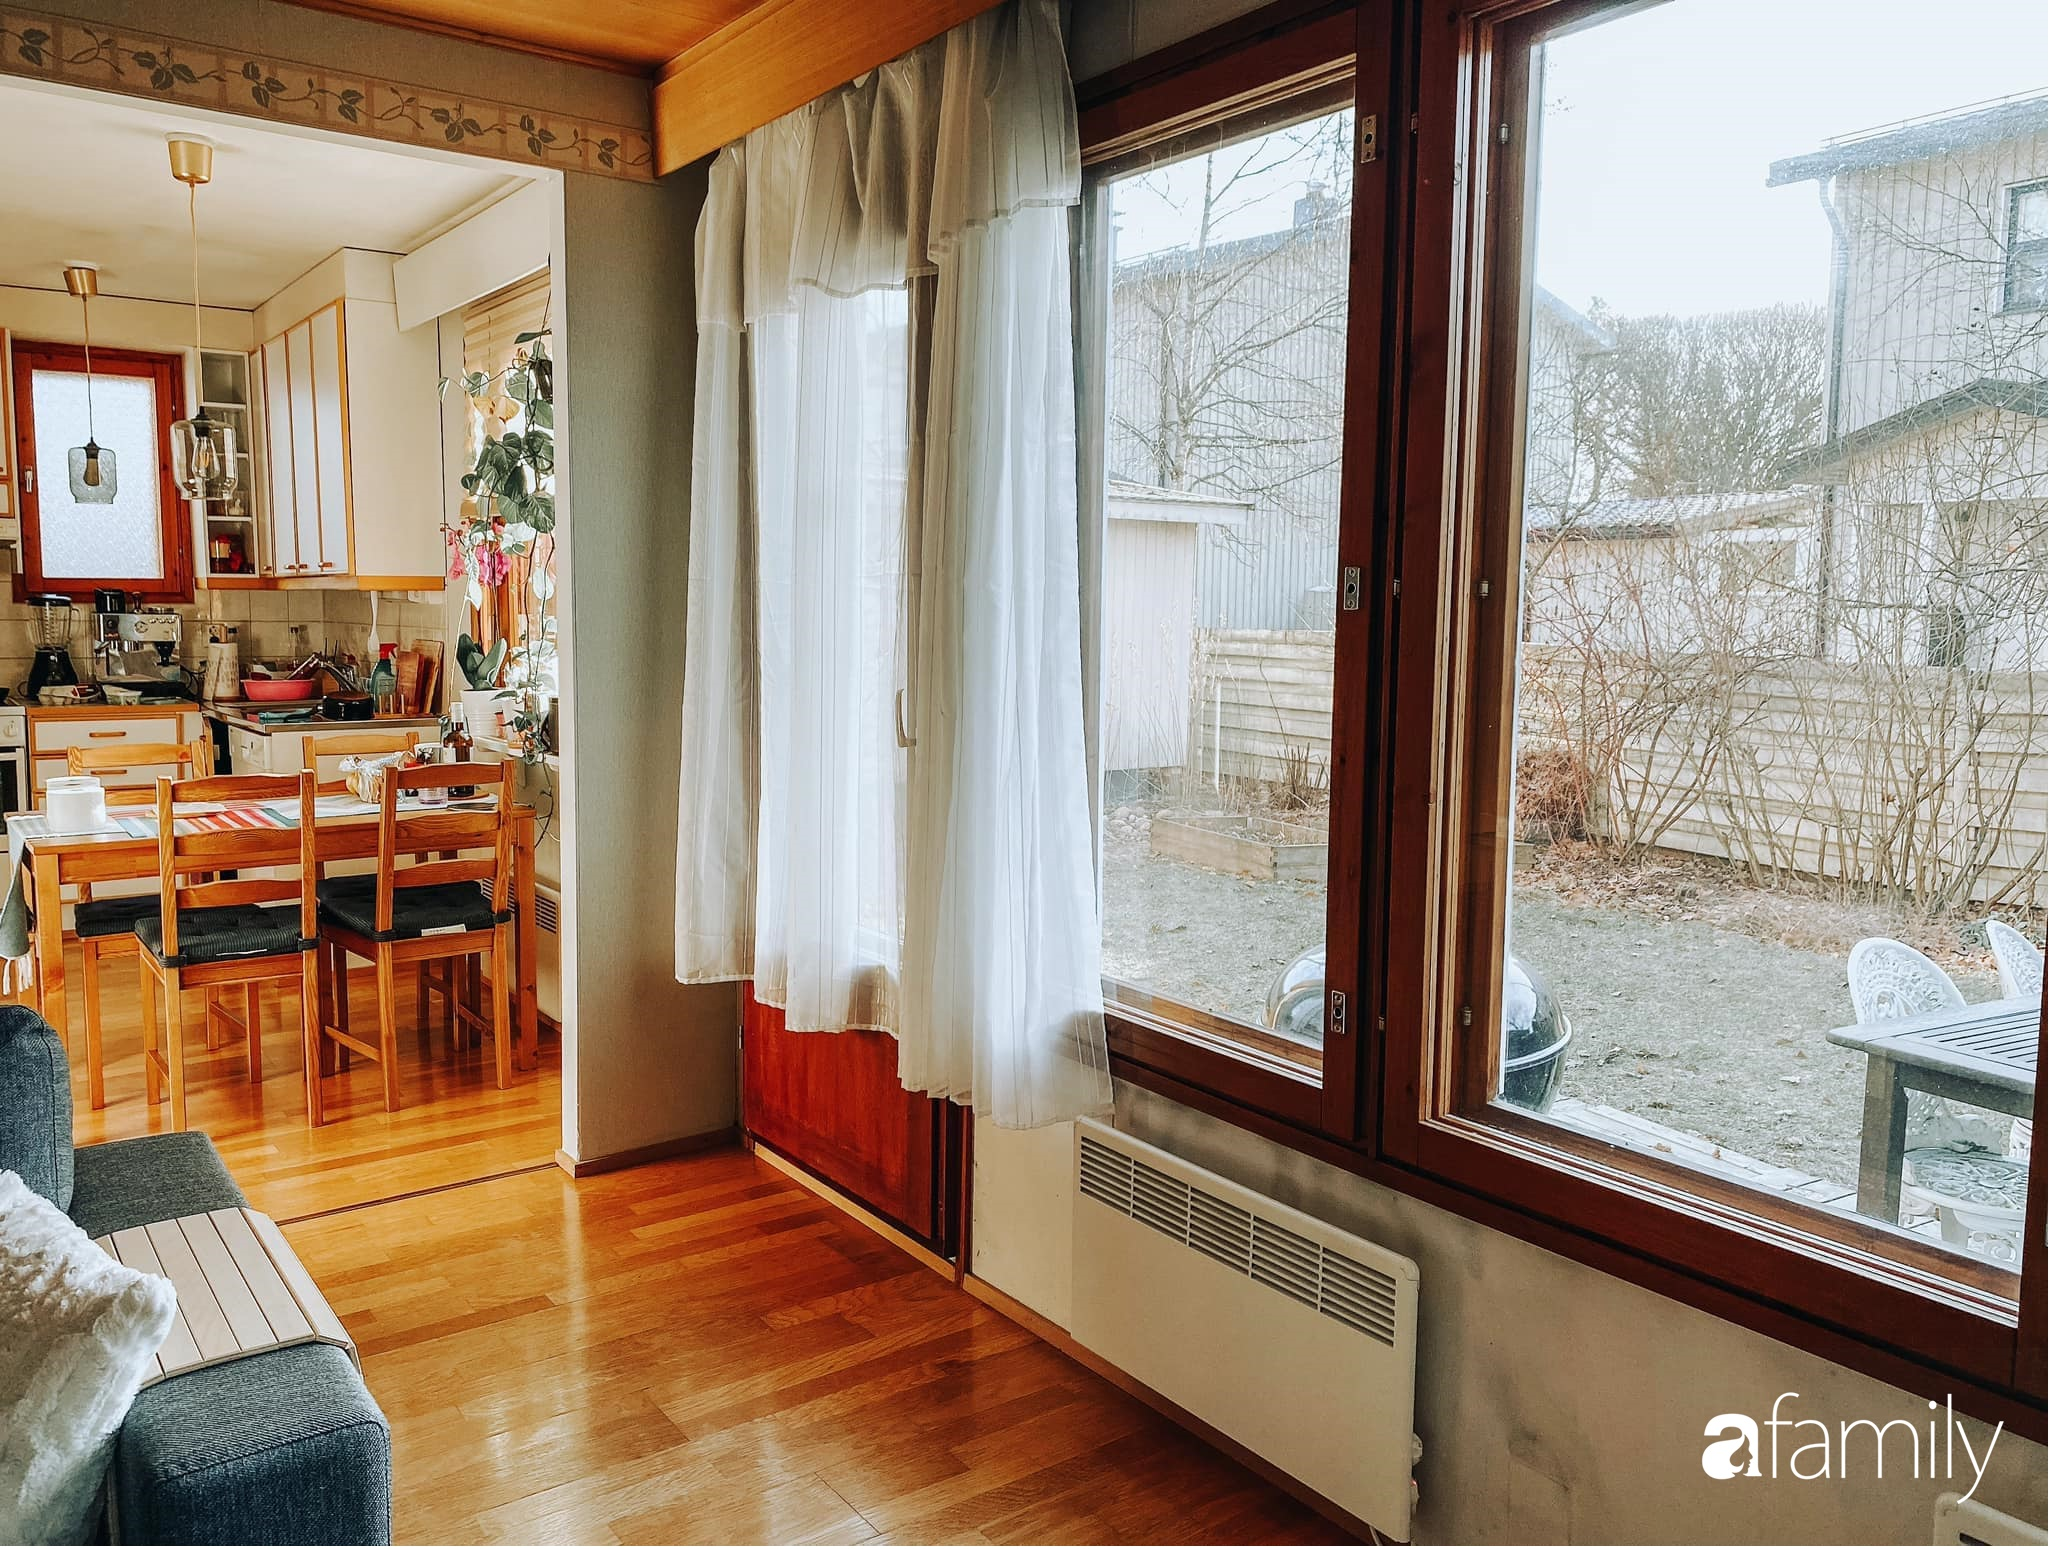 Ngắm không gian sống của cặp vợ chồng trẻ tại Phần Lan khi tự lên ý tưởng thiết kế, mua sắm đến hoàn thành trang trí mọi không gian trong nhà - Ảnh 8.